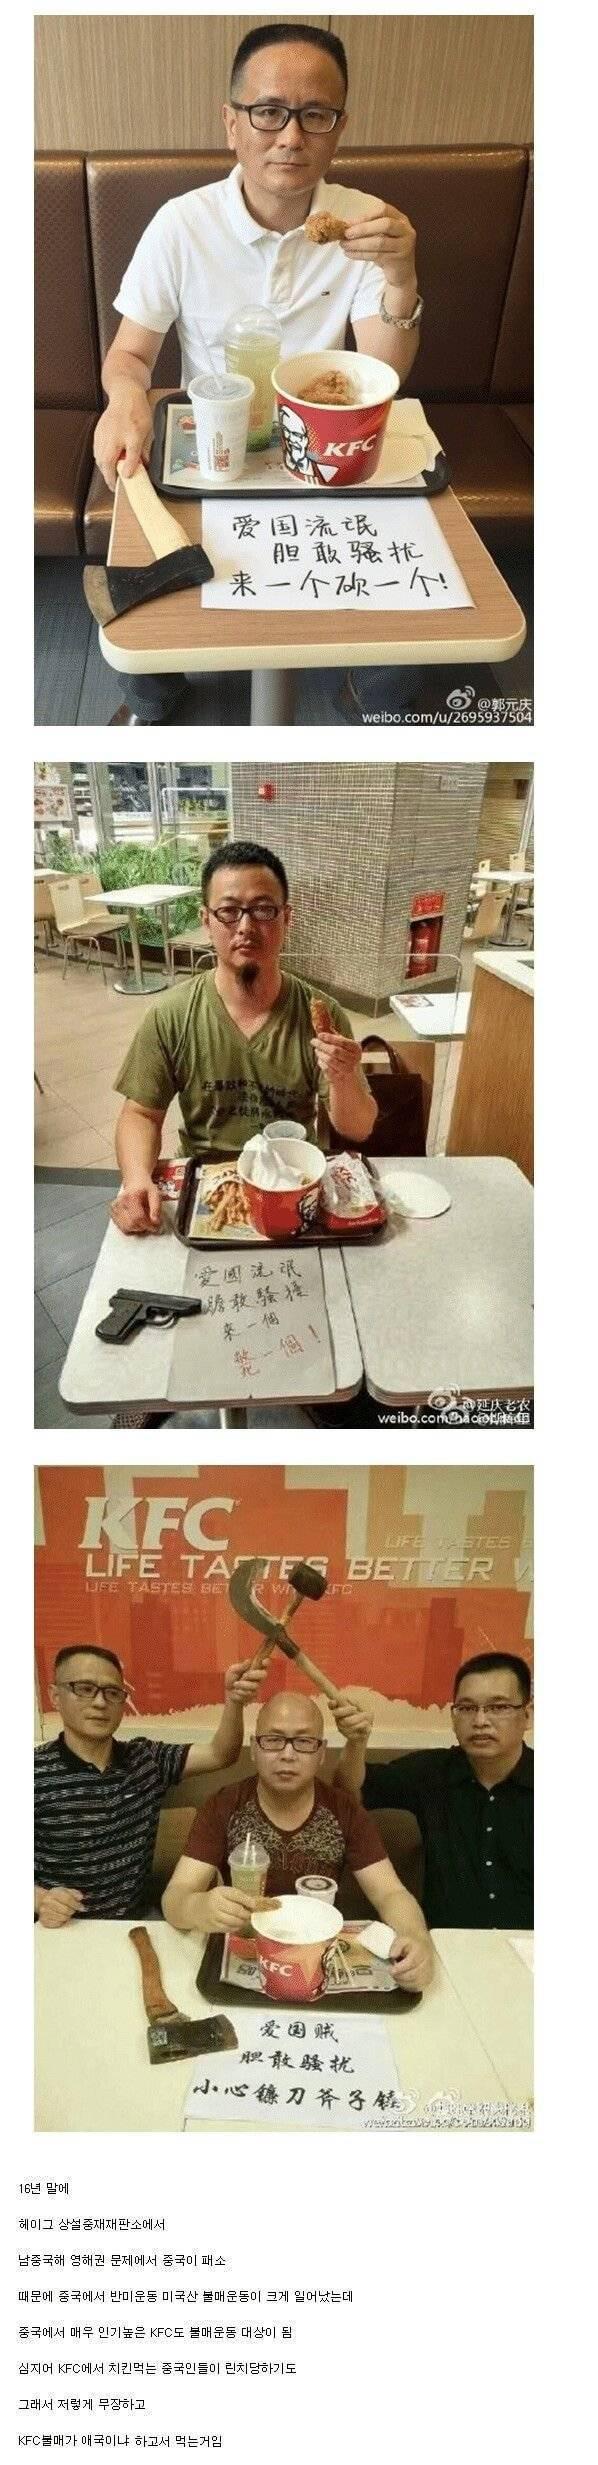 KFC 먹을때 목숨을 걸어야 하는 중국...jpg | 인스티즈